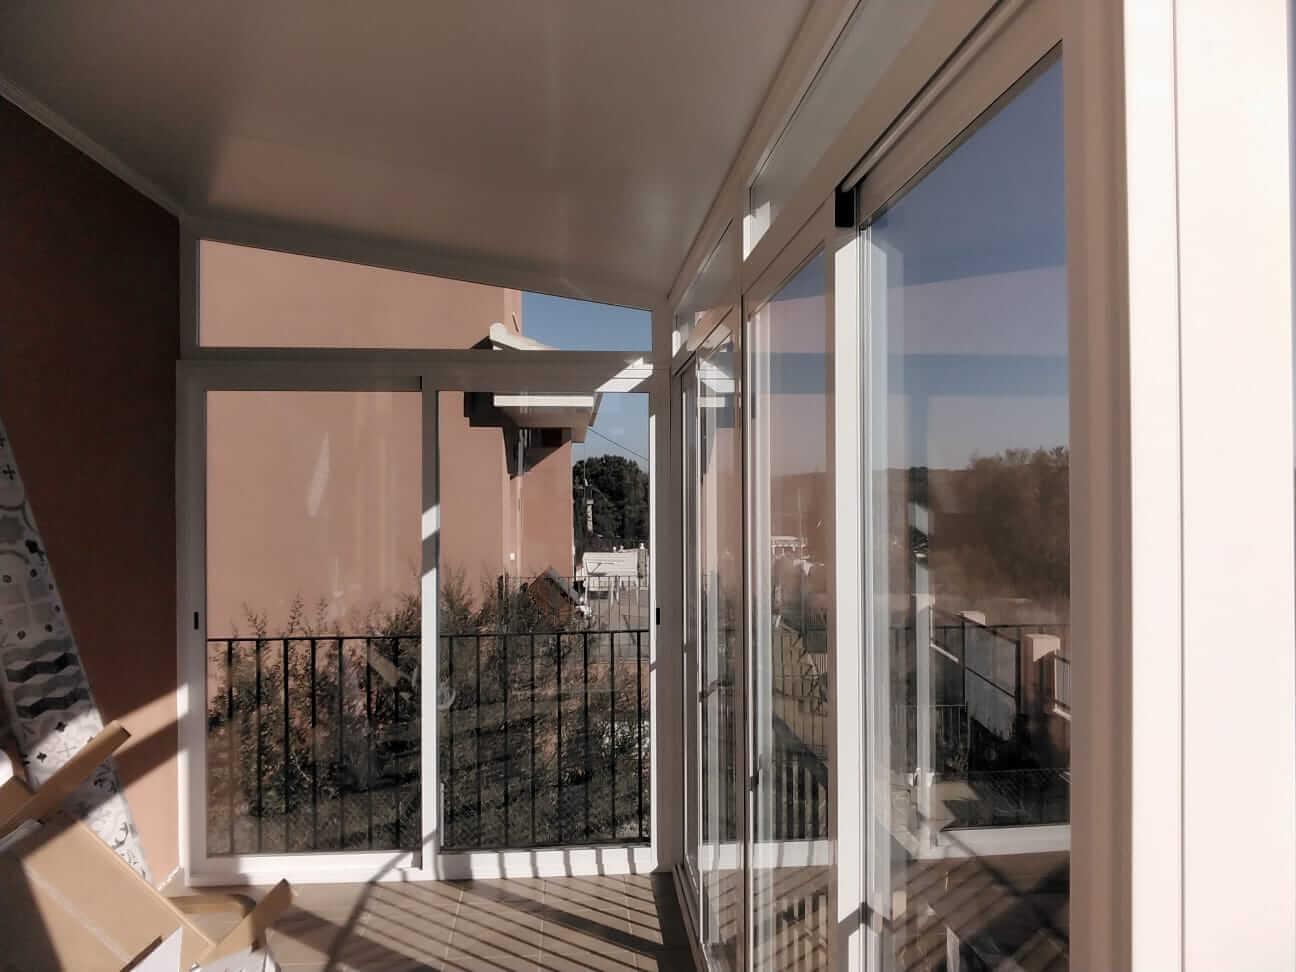 Cerramiento de cristal en balcón exterior. Vista desde el interior de la vivienda